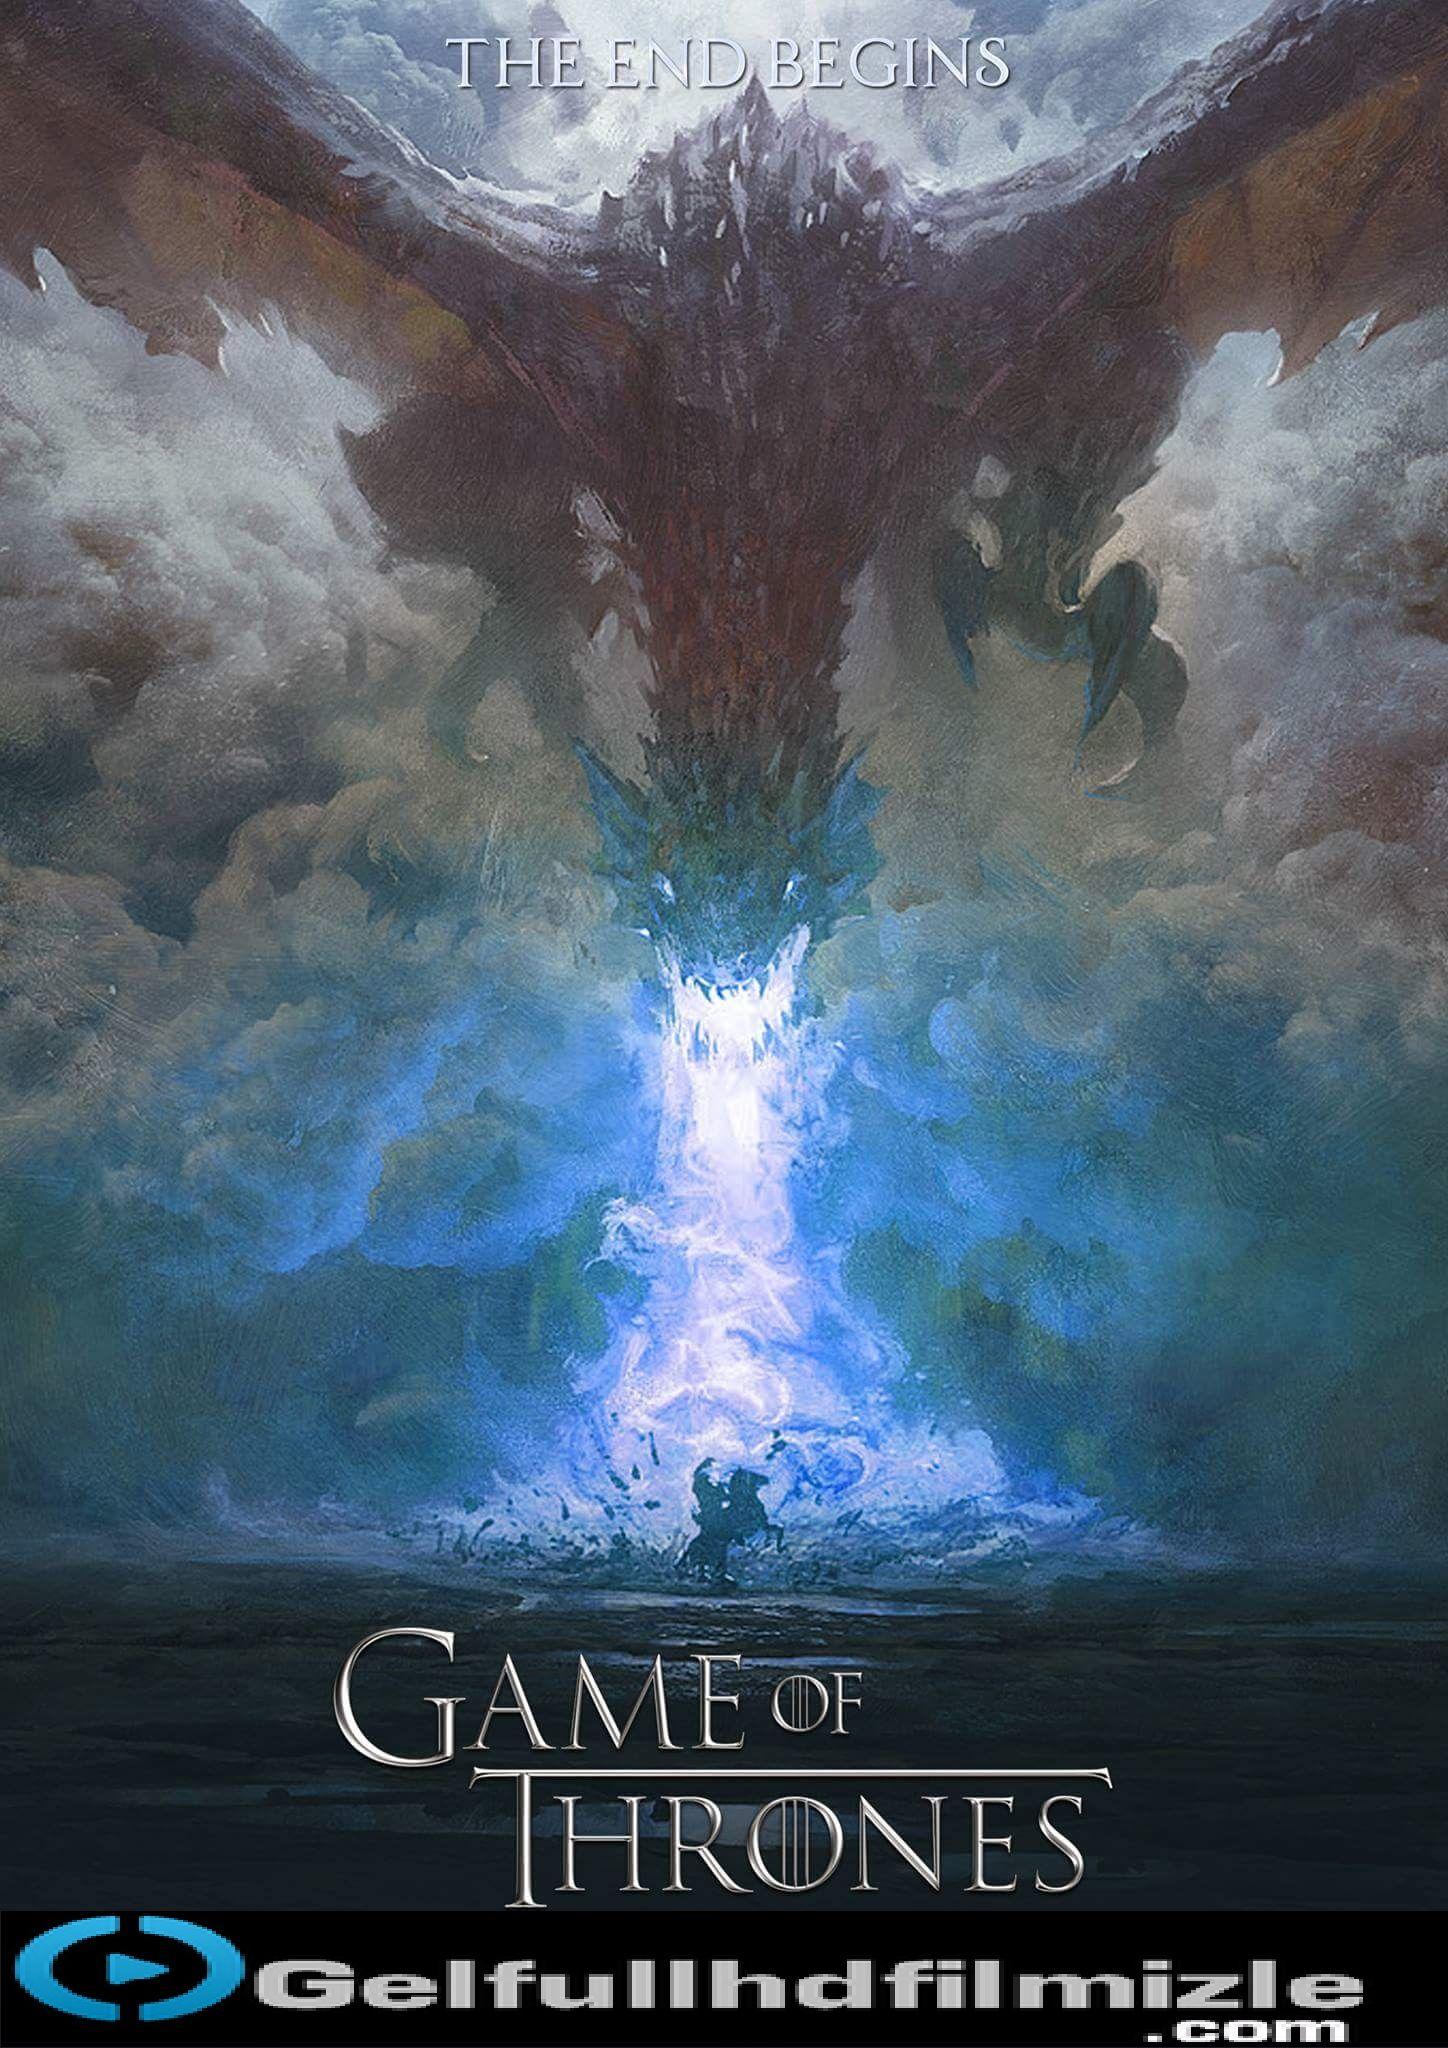 Game Of Thrones 7sezon 1bölüm Türkçe Dublaj Izle Got Watch